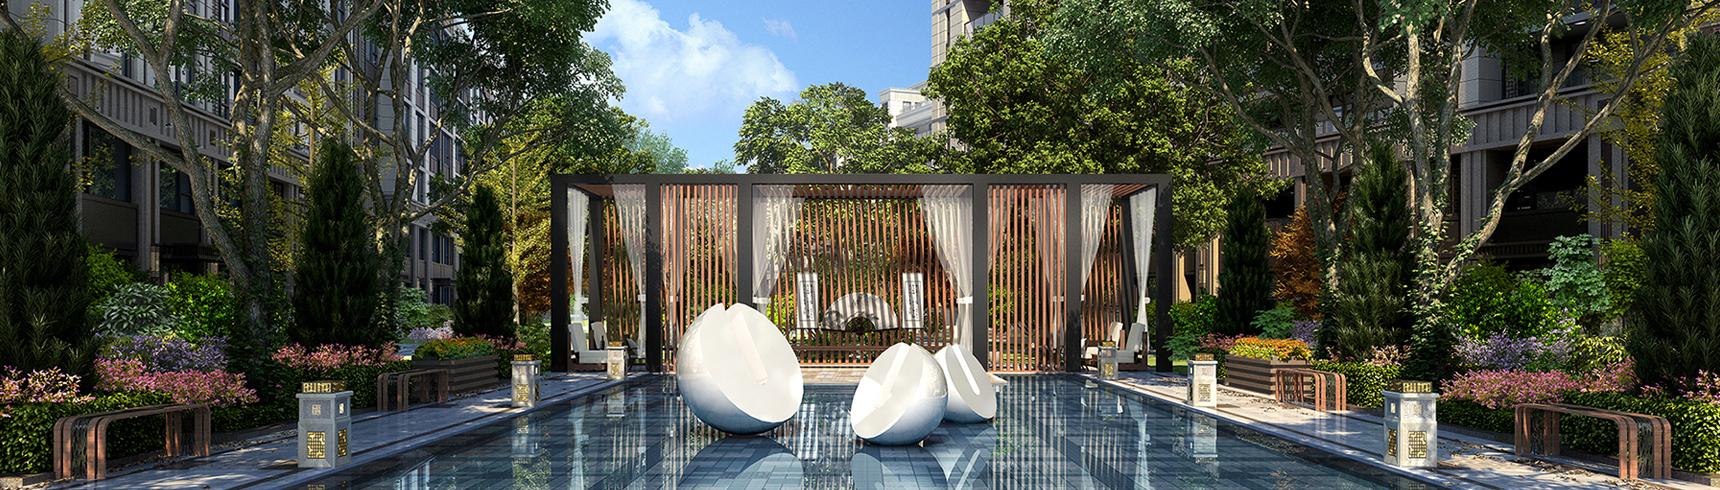 现代小区休闲广场3D模型下载